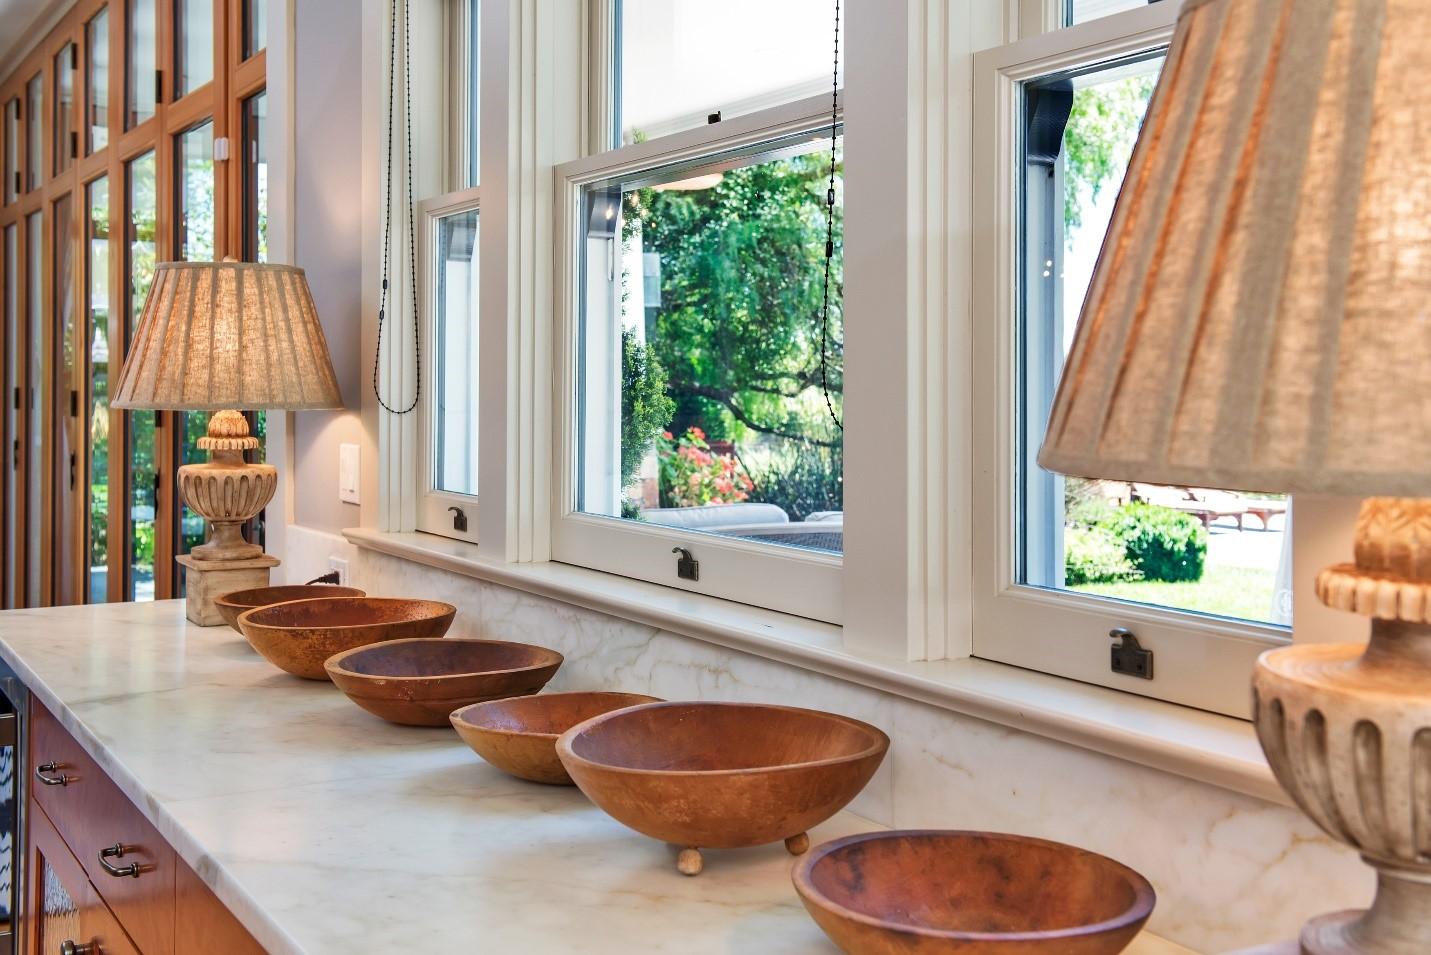 Interior Designers In Santa Rosa, California